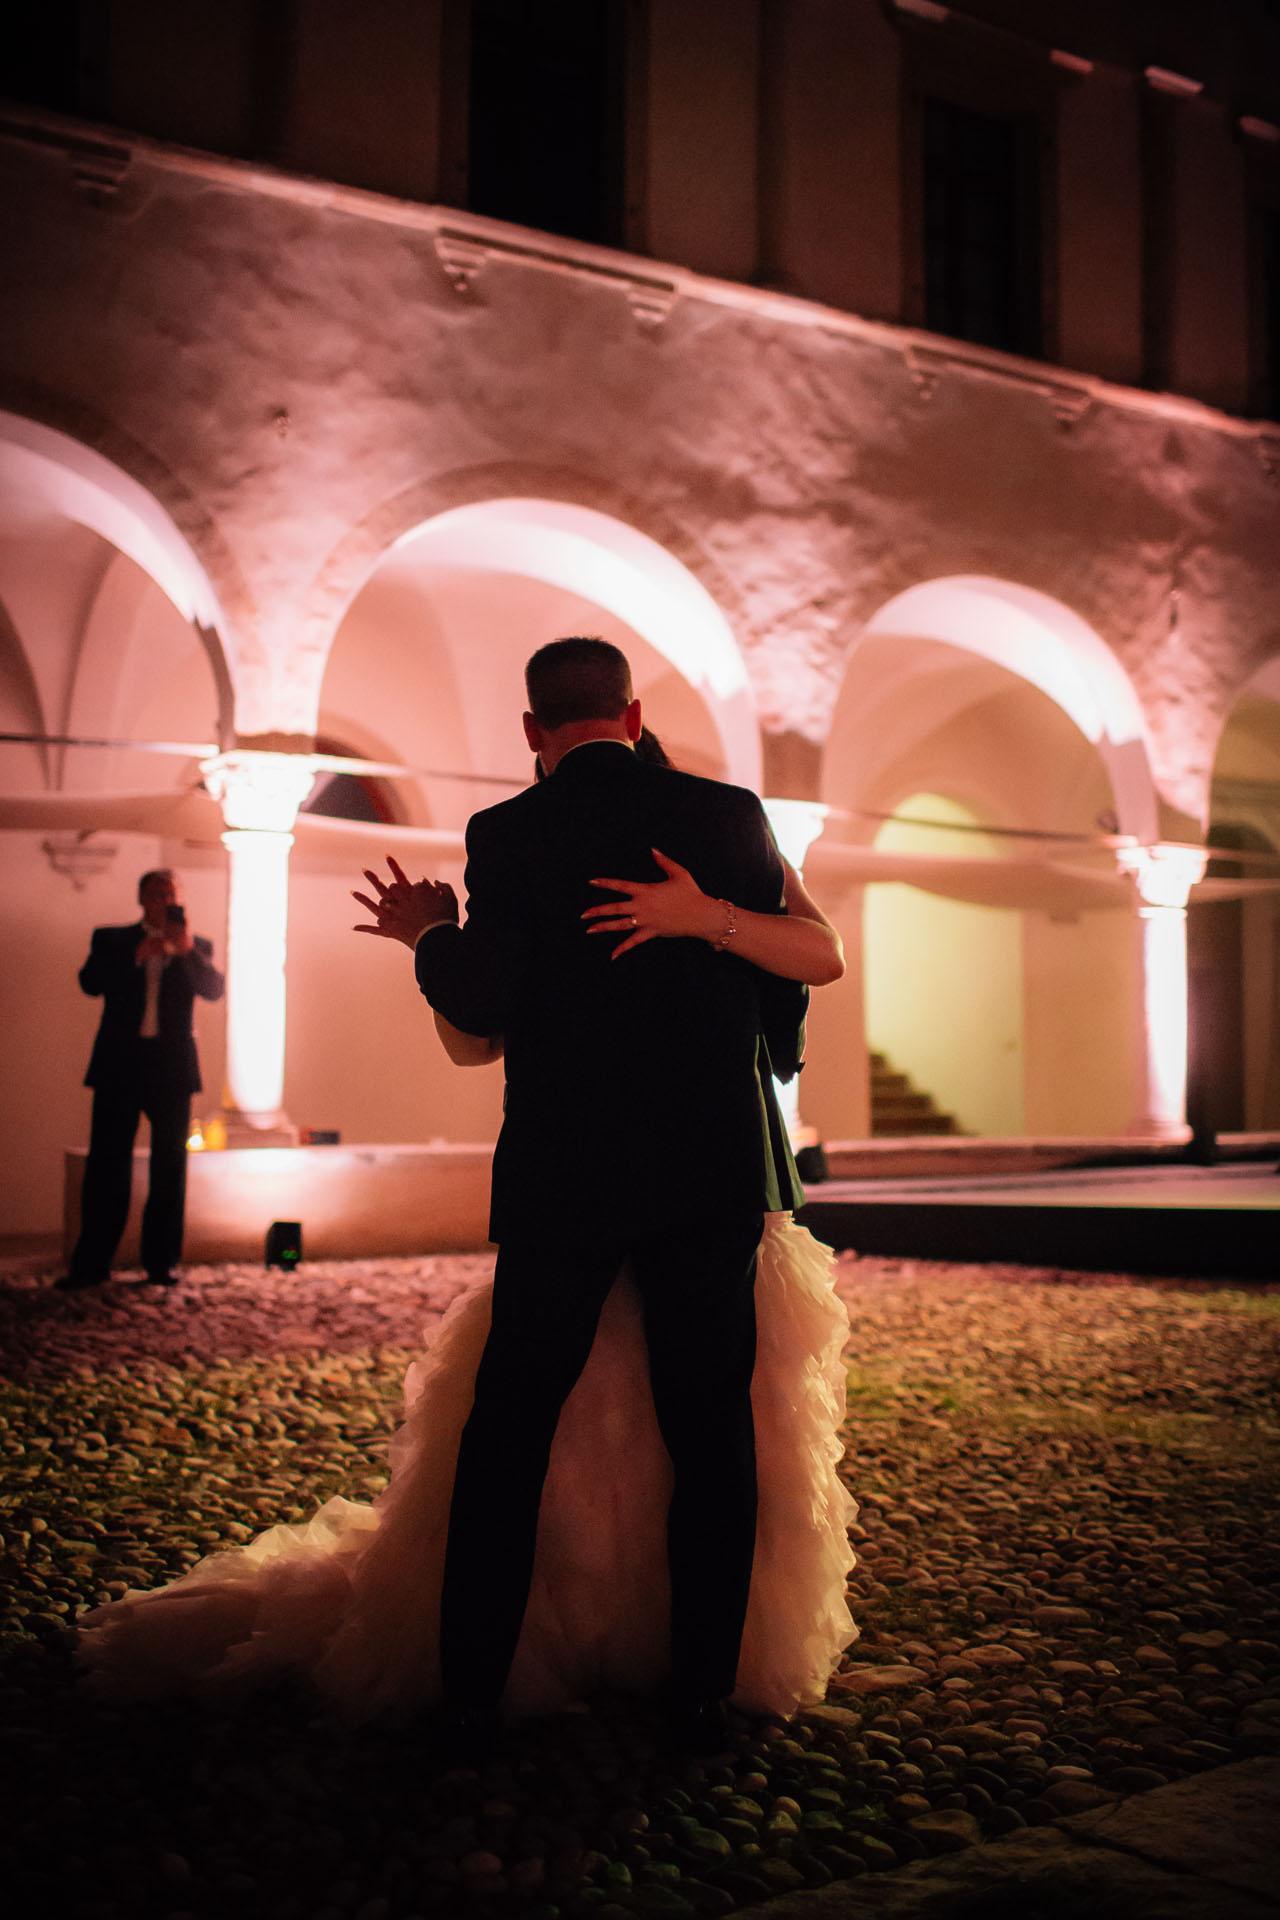 Jessica-Jason-Weddingdestination-Storytelling-Renato-Zanette-Fotografo-Convento-San-Francesco-Conegliano-Treviso-Veneto-Ballo-Romantico